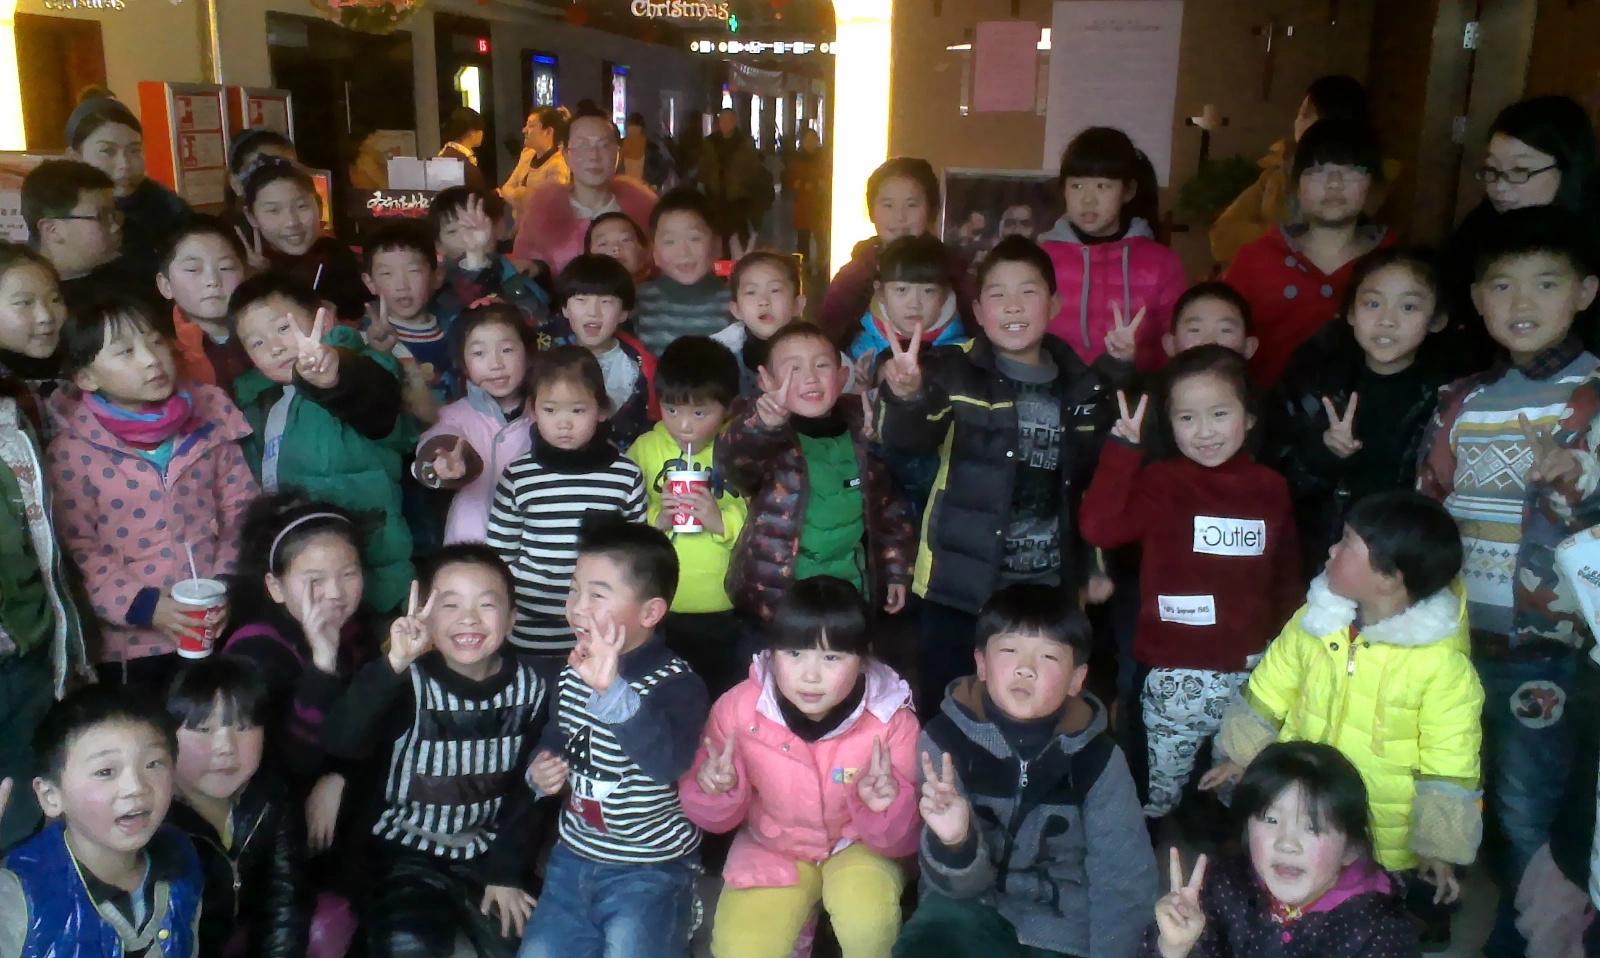 发现天真可爱的孩子们身上其实有很多闪光点